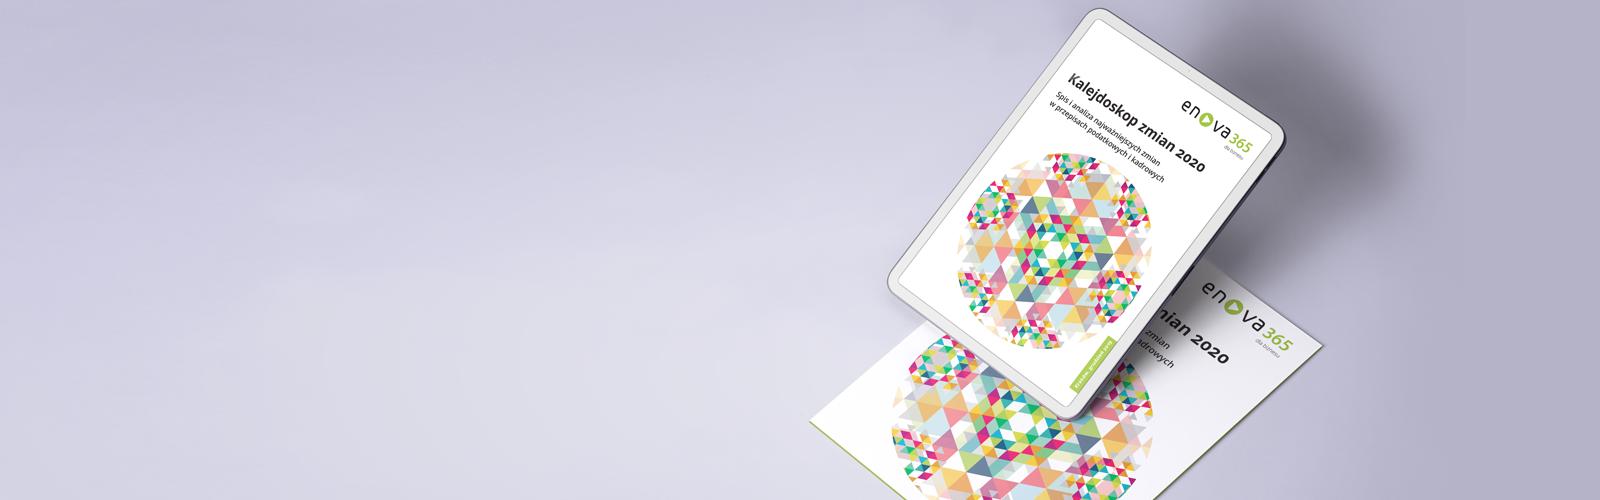 publikacja ekspertów systemu erp enova365 o zmianach w przepisach 2020 banner